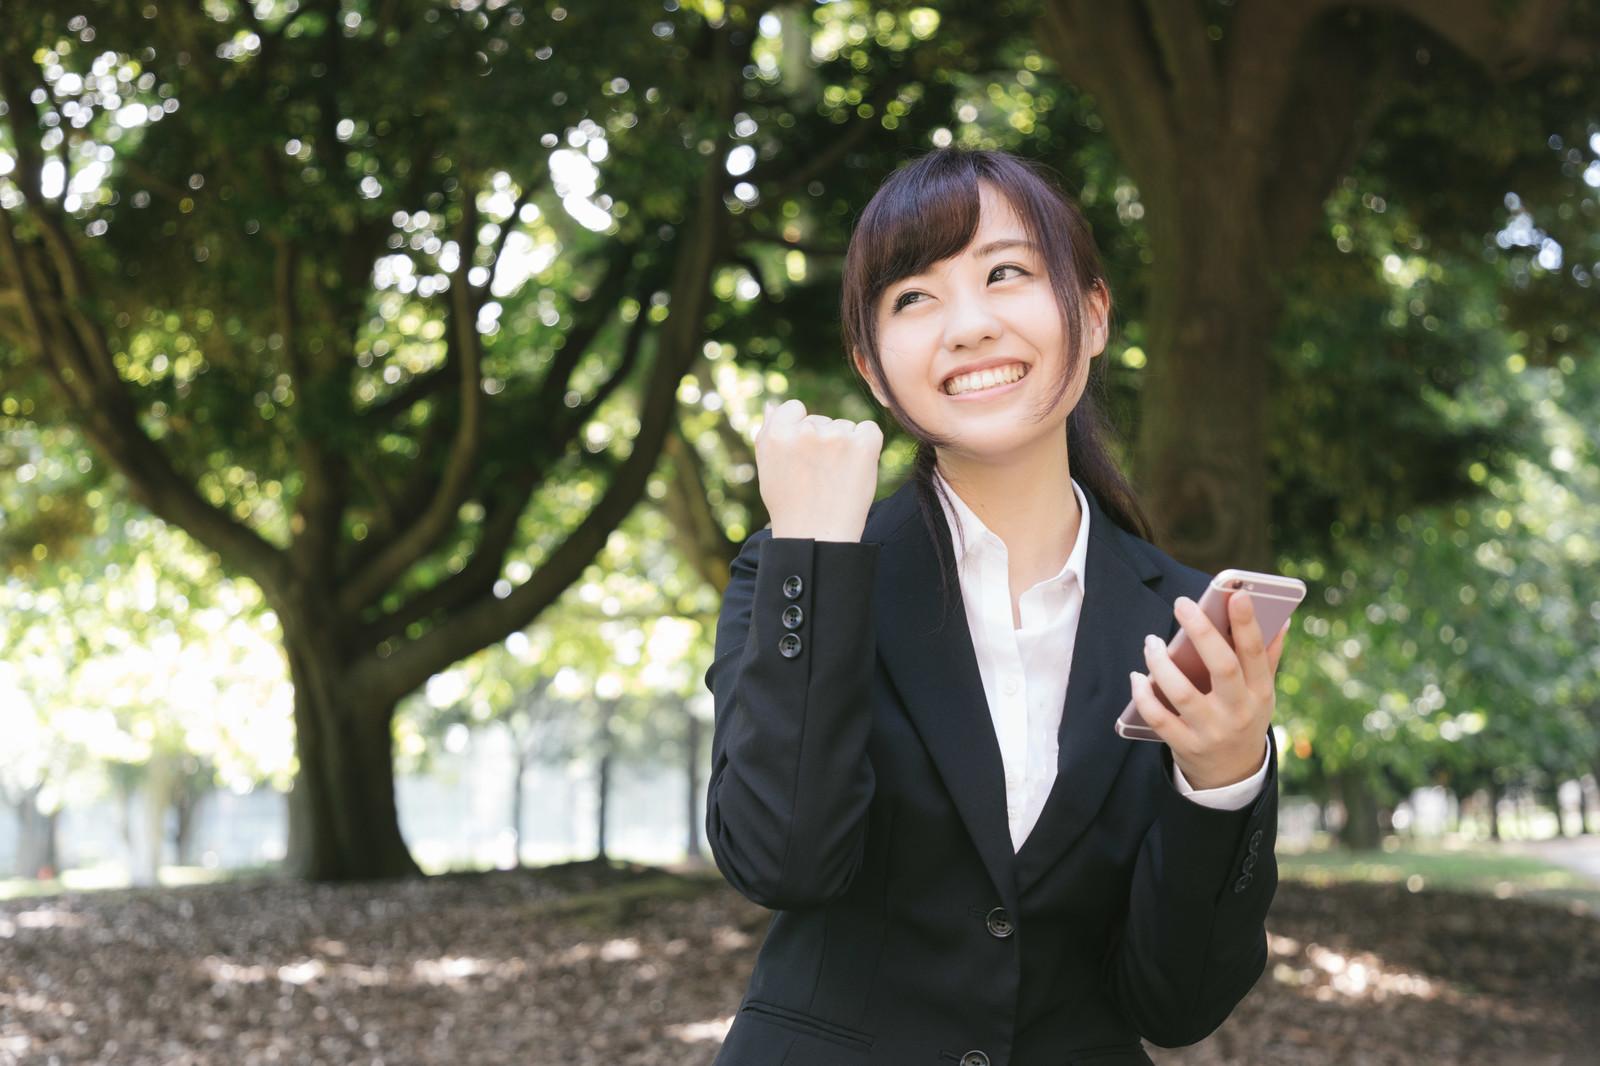 【事実】公務員試験の面接はイケメン・美女は受かりやすい【顔採用】